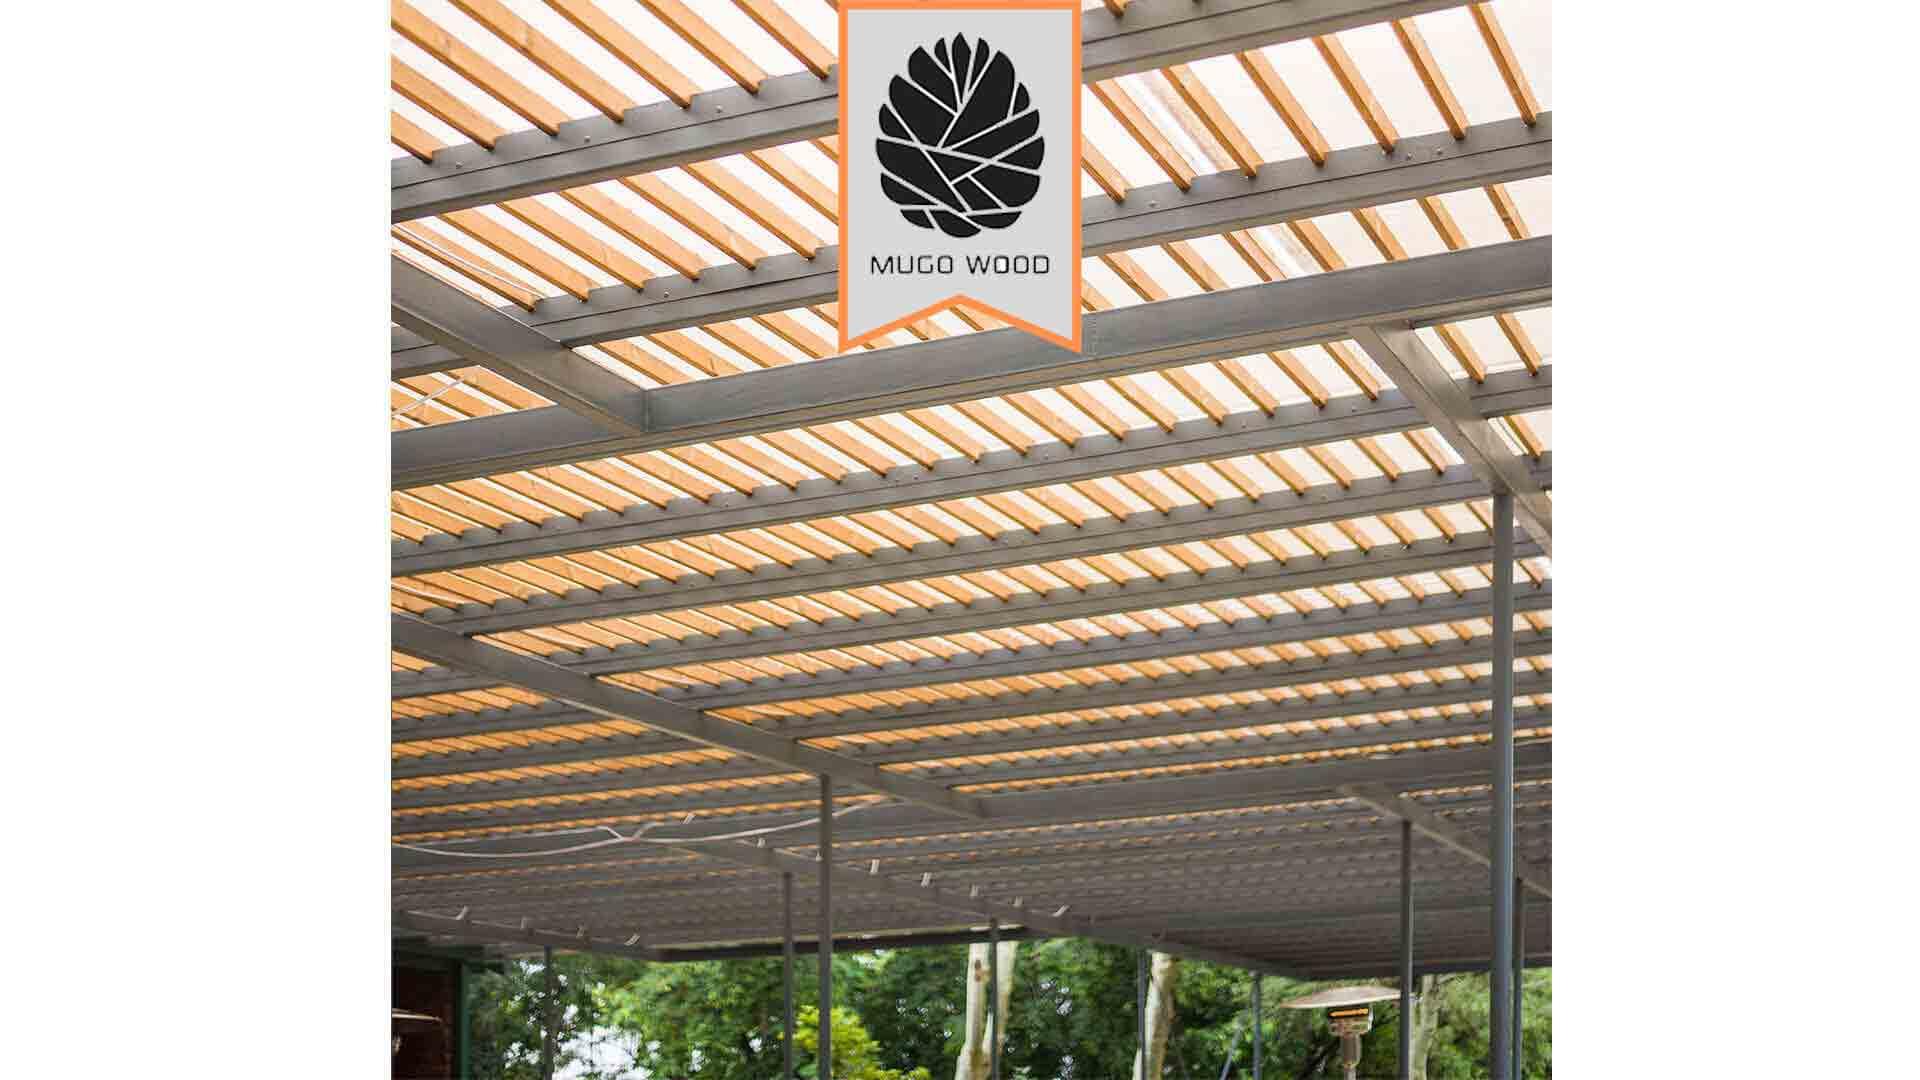 چوب ترموود دیوار-چوب ترموود در دکوراسیون داخلی-فروش چوب ترموود در تهران